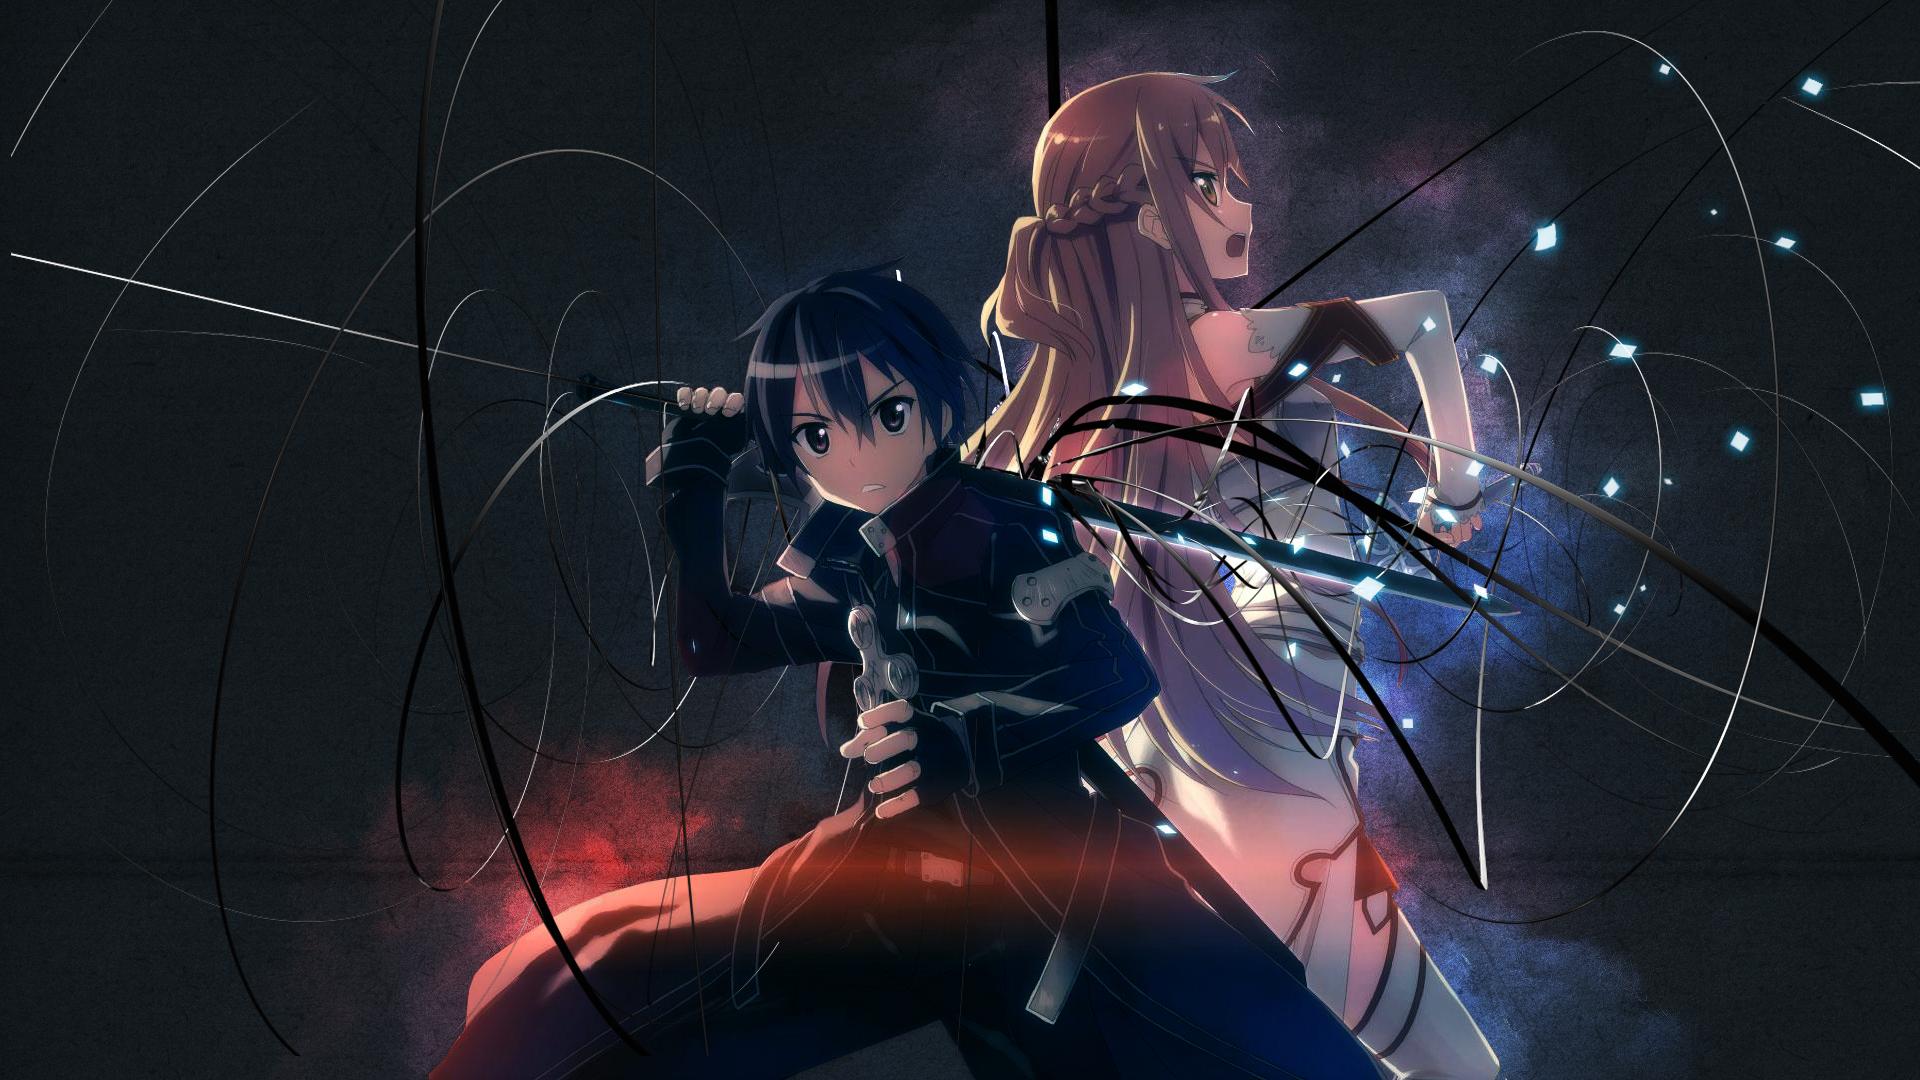 SimplyWallpapers.com: Kirigaya Kazuto Kirito Sword Art Online ...